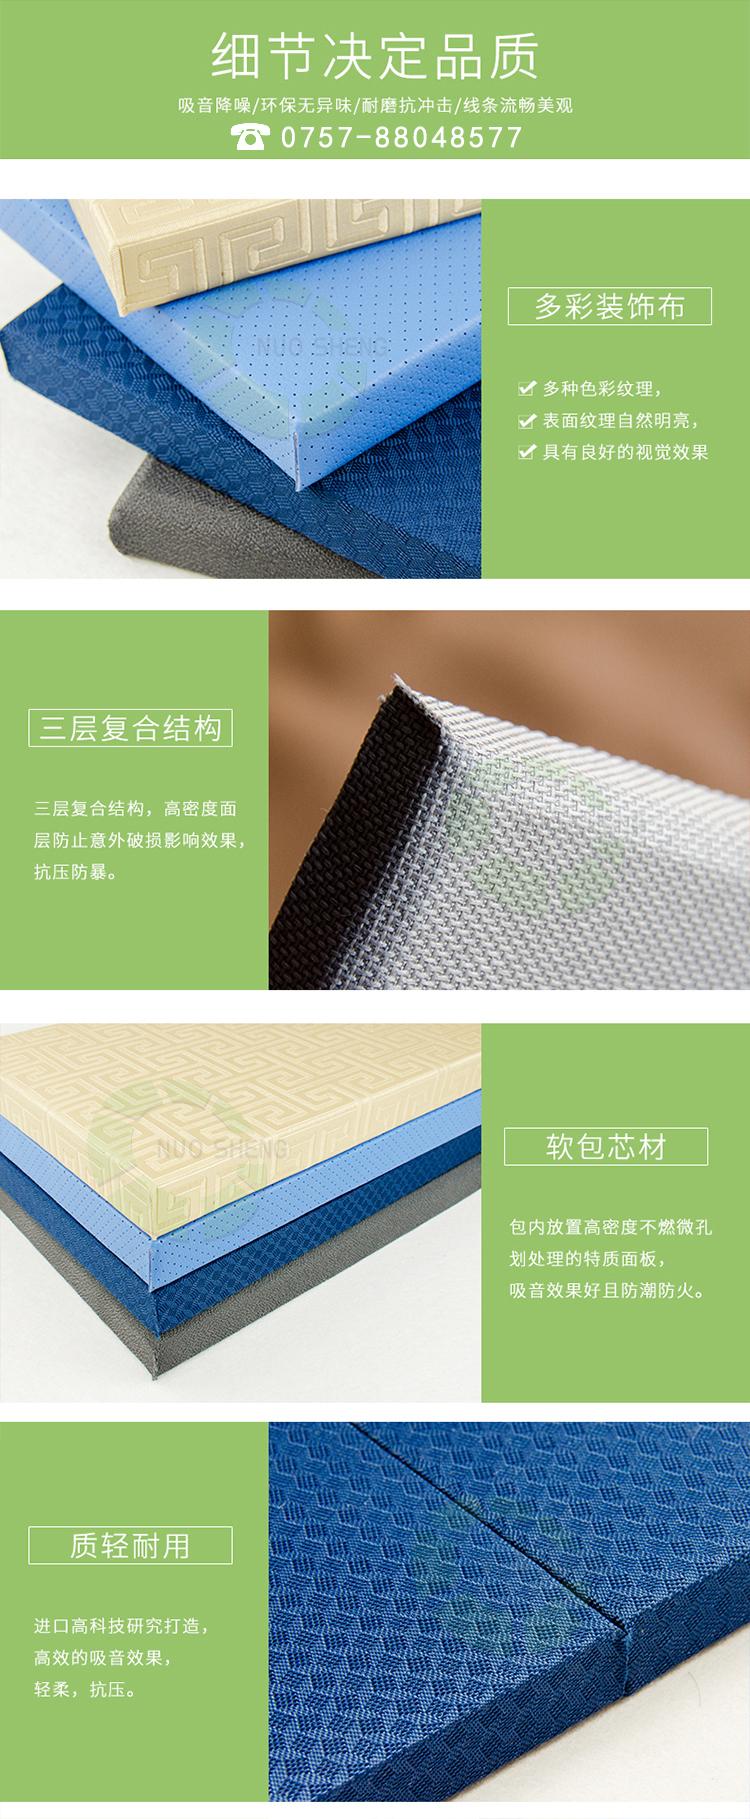 墙面软包manbetx官网万博官网产品细节